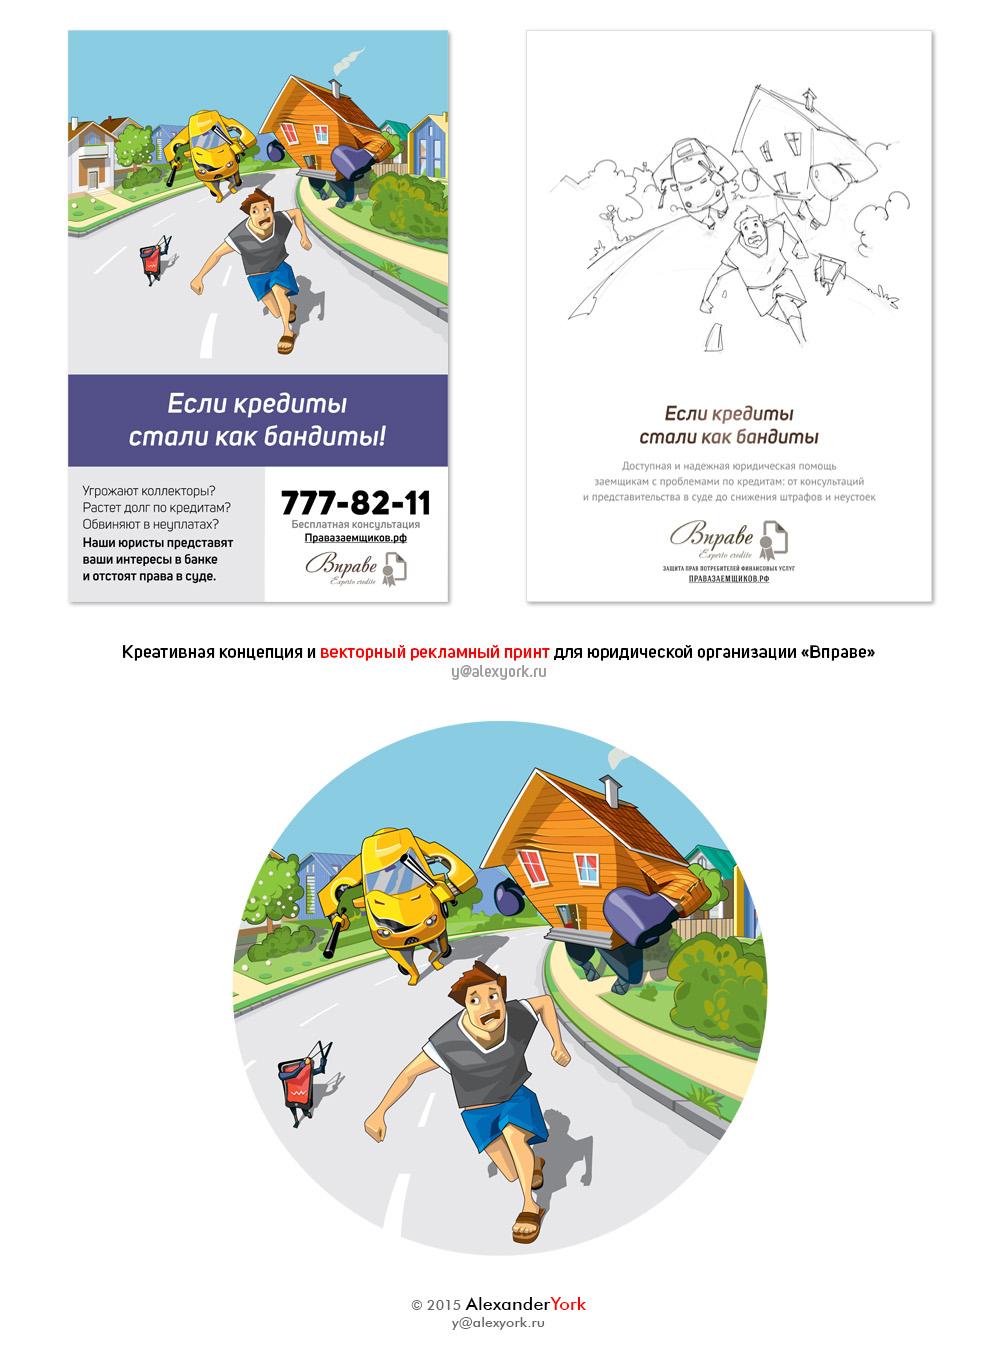 Креативная концепция и векторный рекламный принт для юридической организации